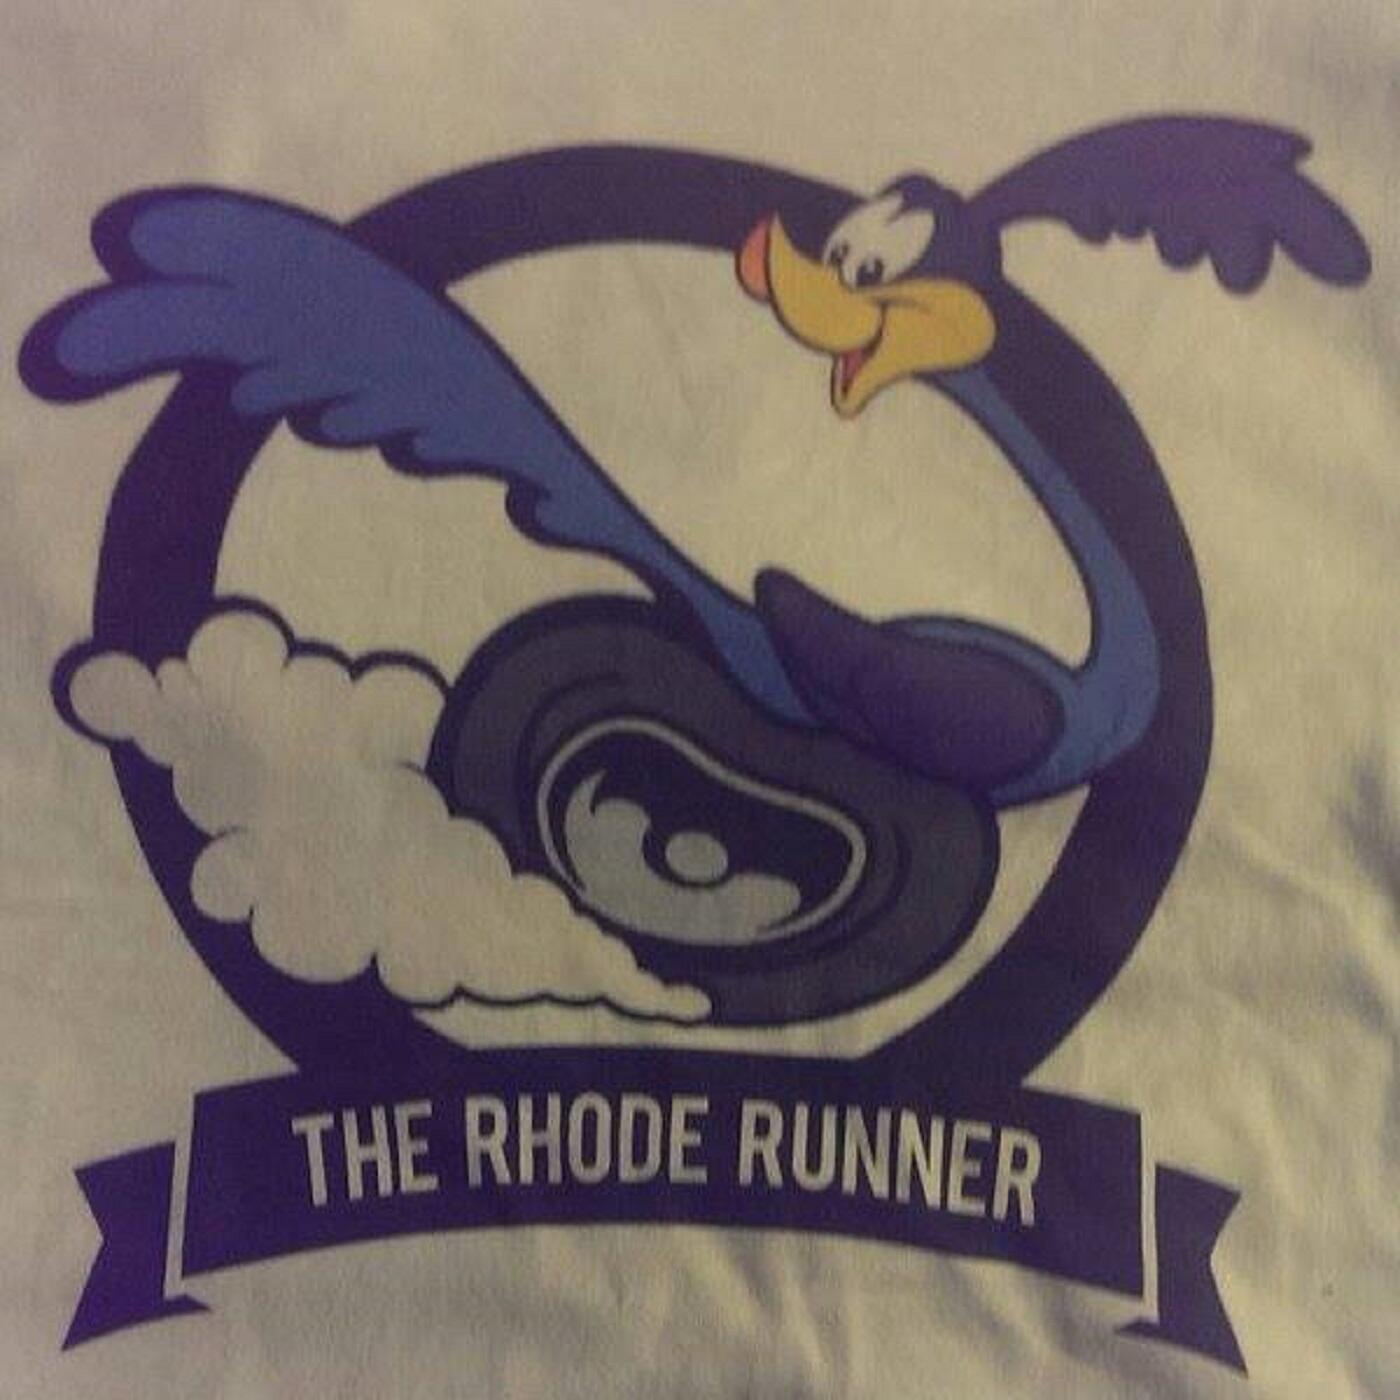 Journey of the Rhode Runner